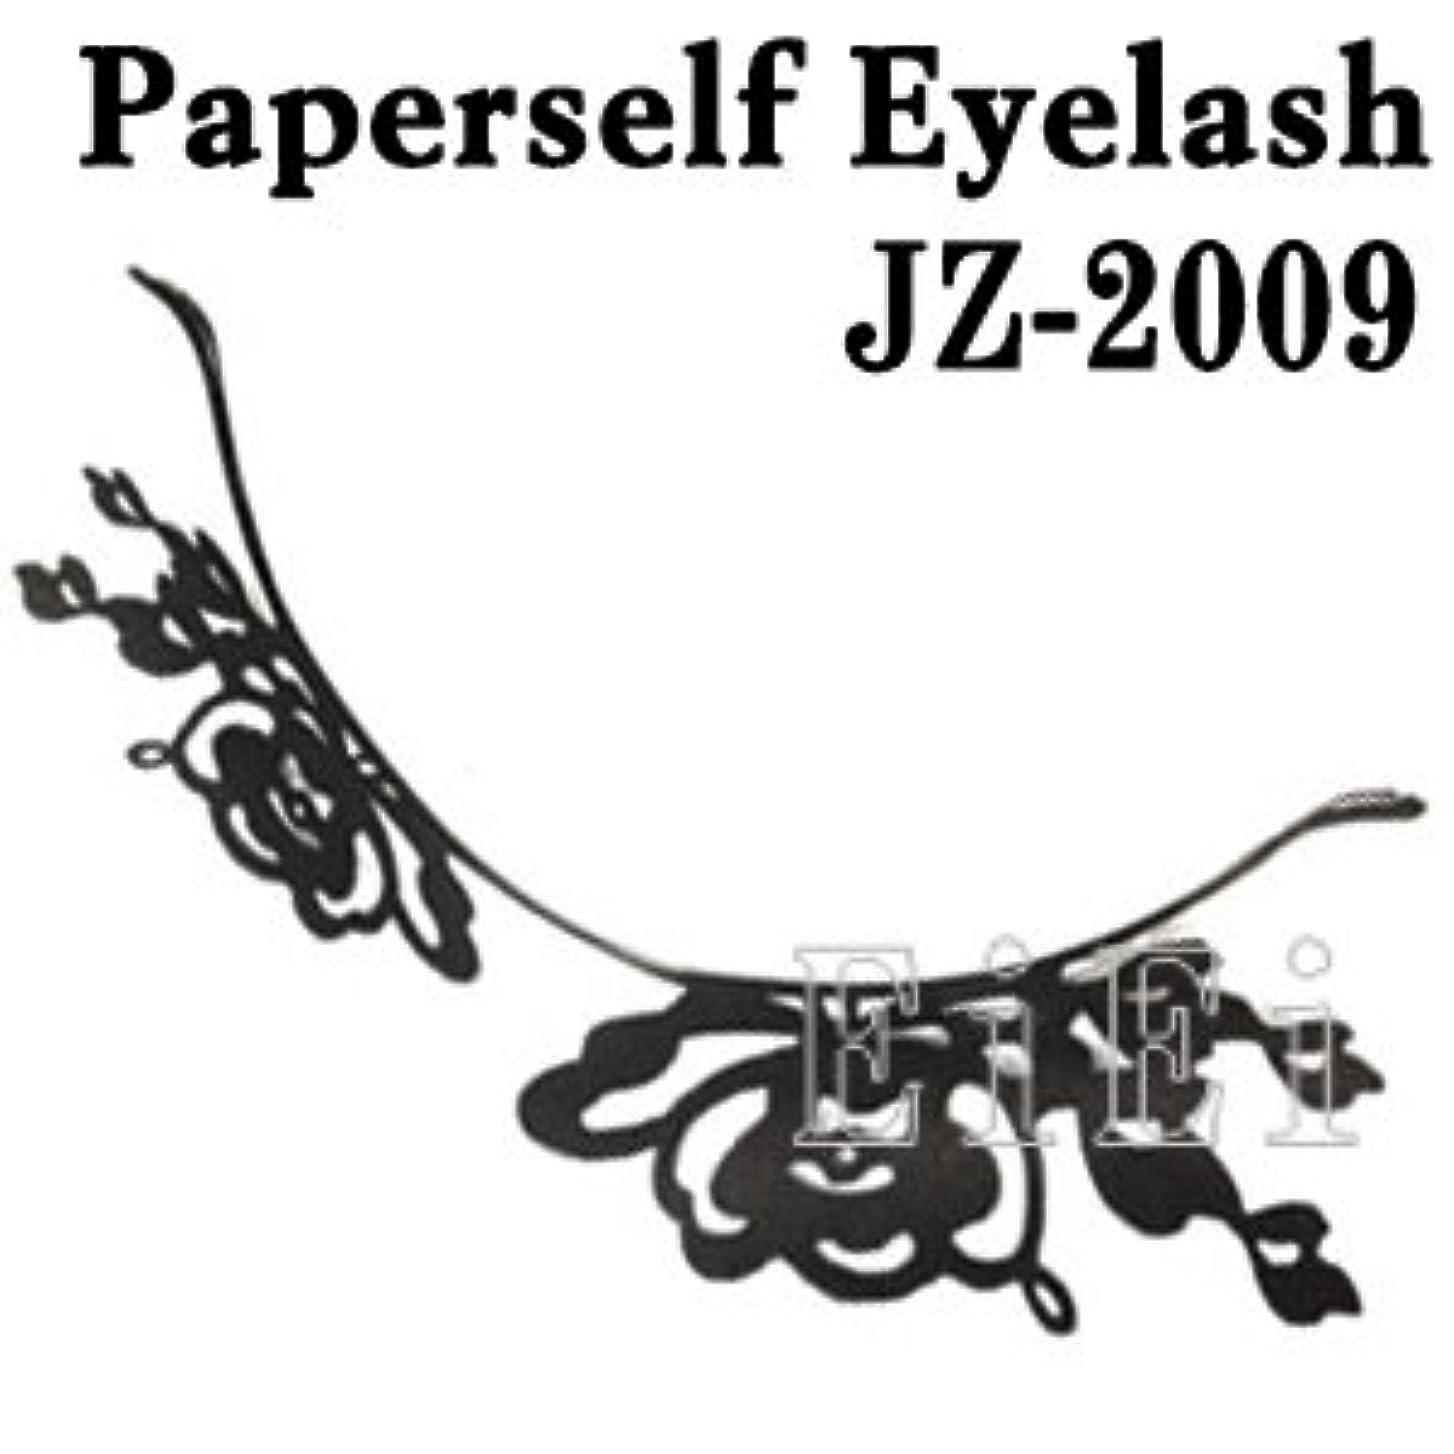 パンサーメロディアスジュラシックパークアートペーパーラッシュ つけまつげ プロ用 紙 つけまつ毛 新感覚 アイラッシュ 牡丹 JZ-2009